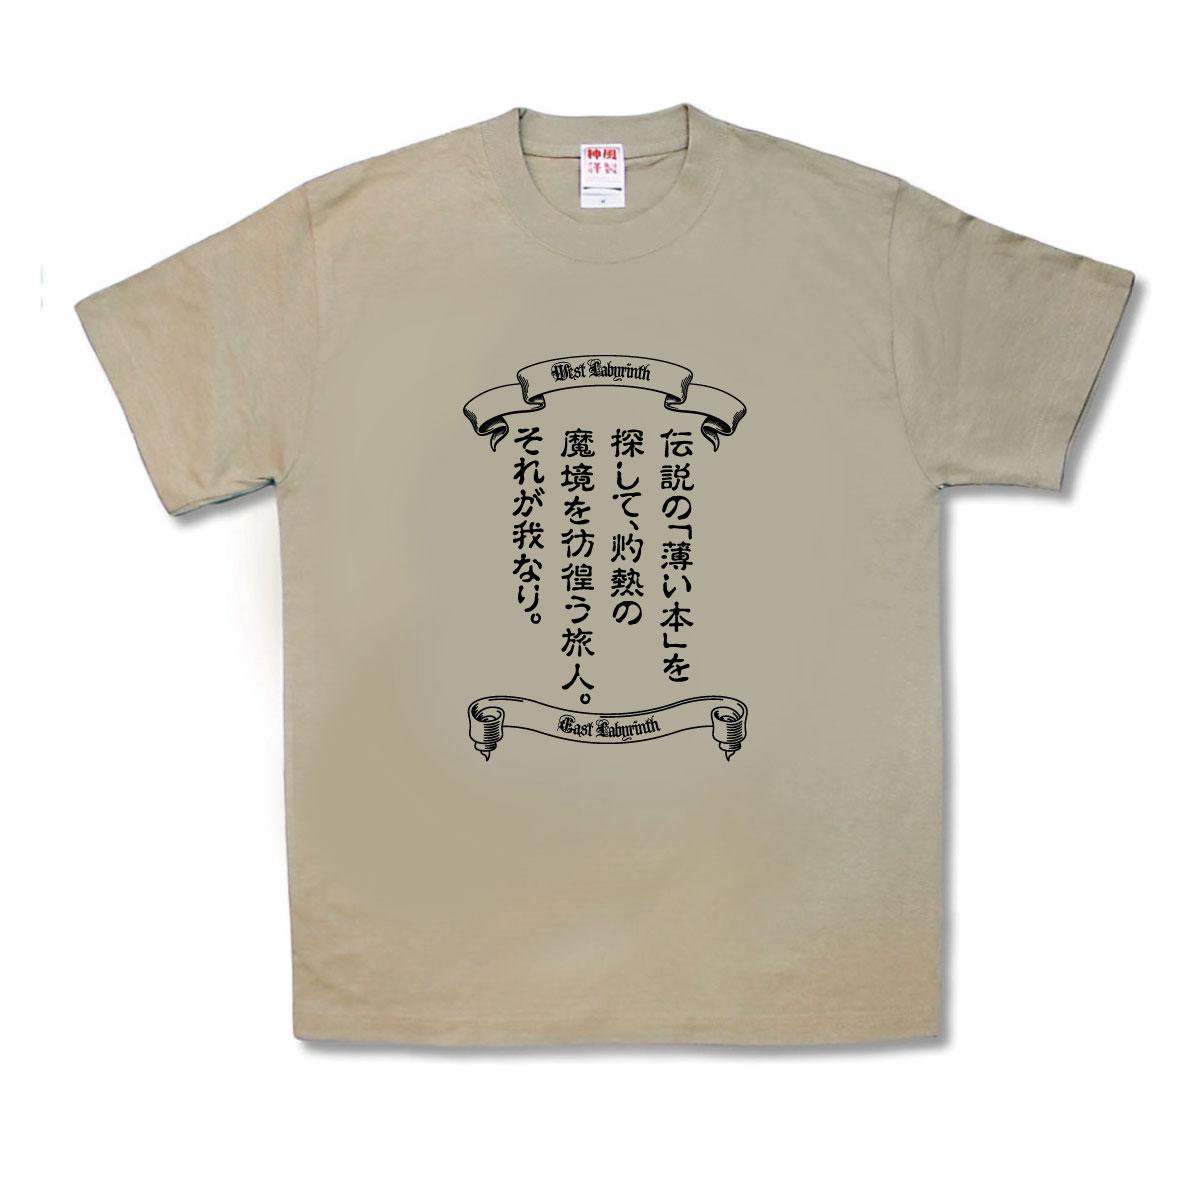 おもしろTシャツ 安心と信頼 伝説の勇者 限定モデル